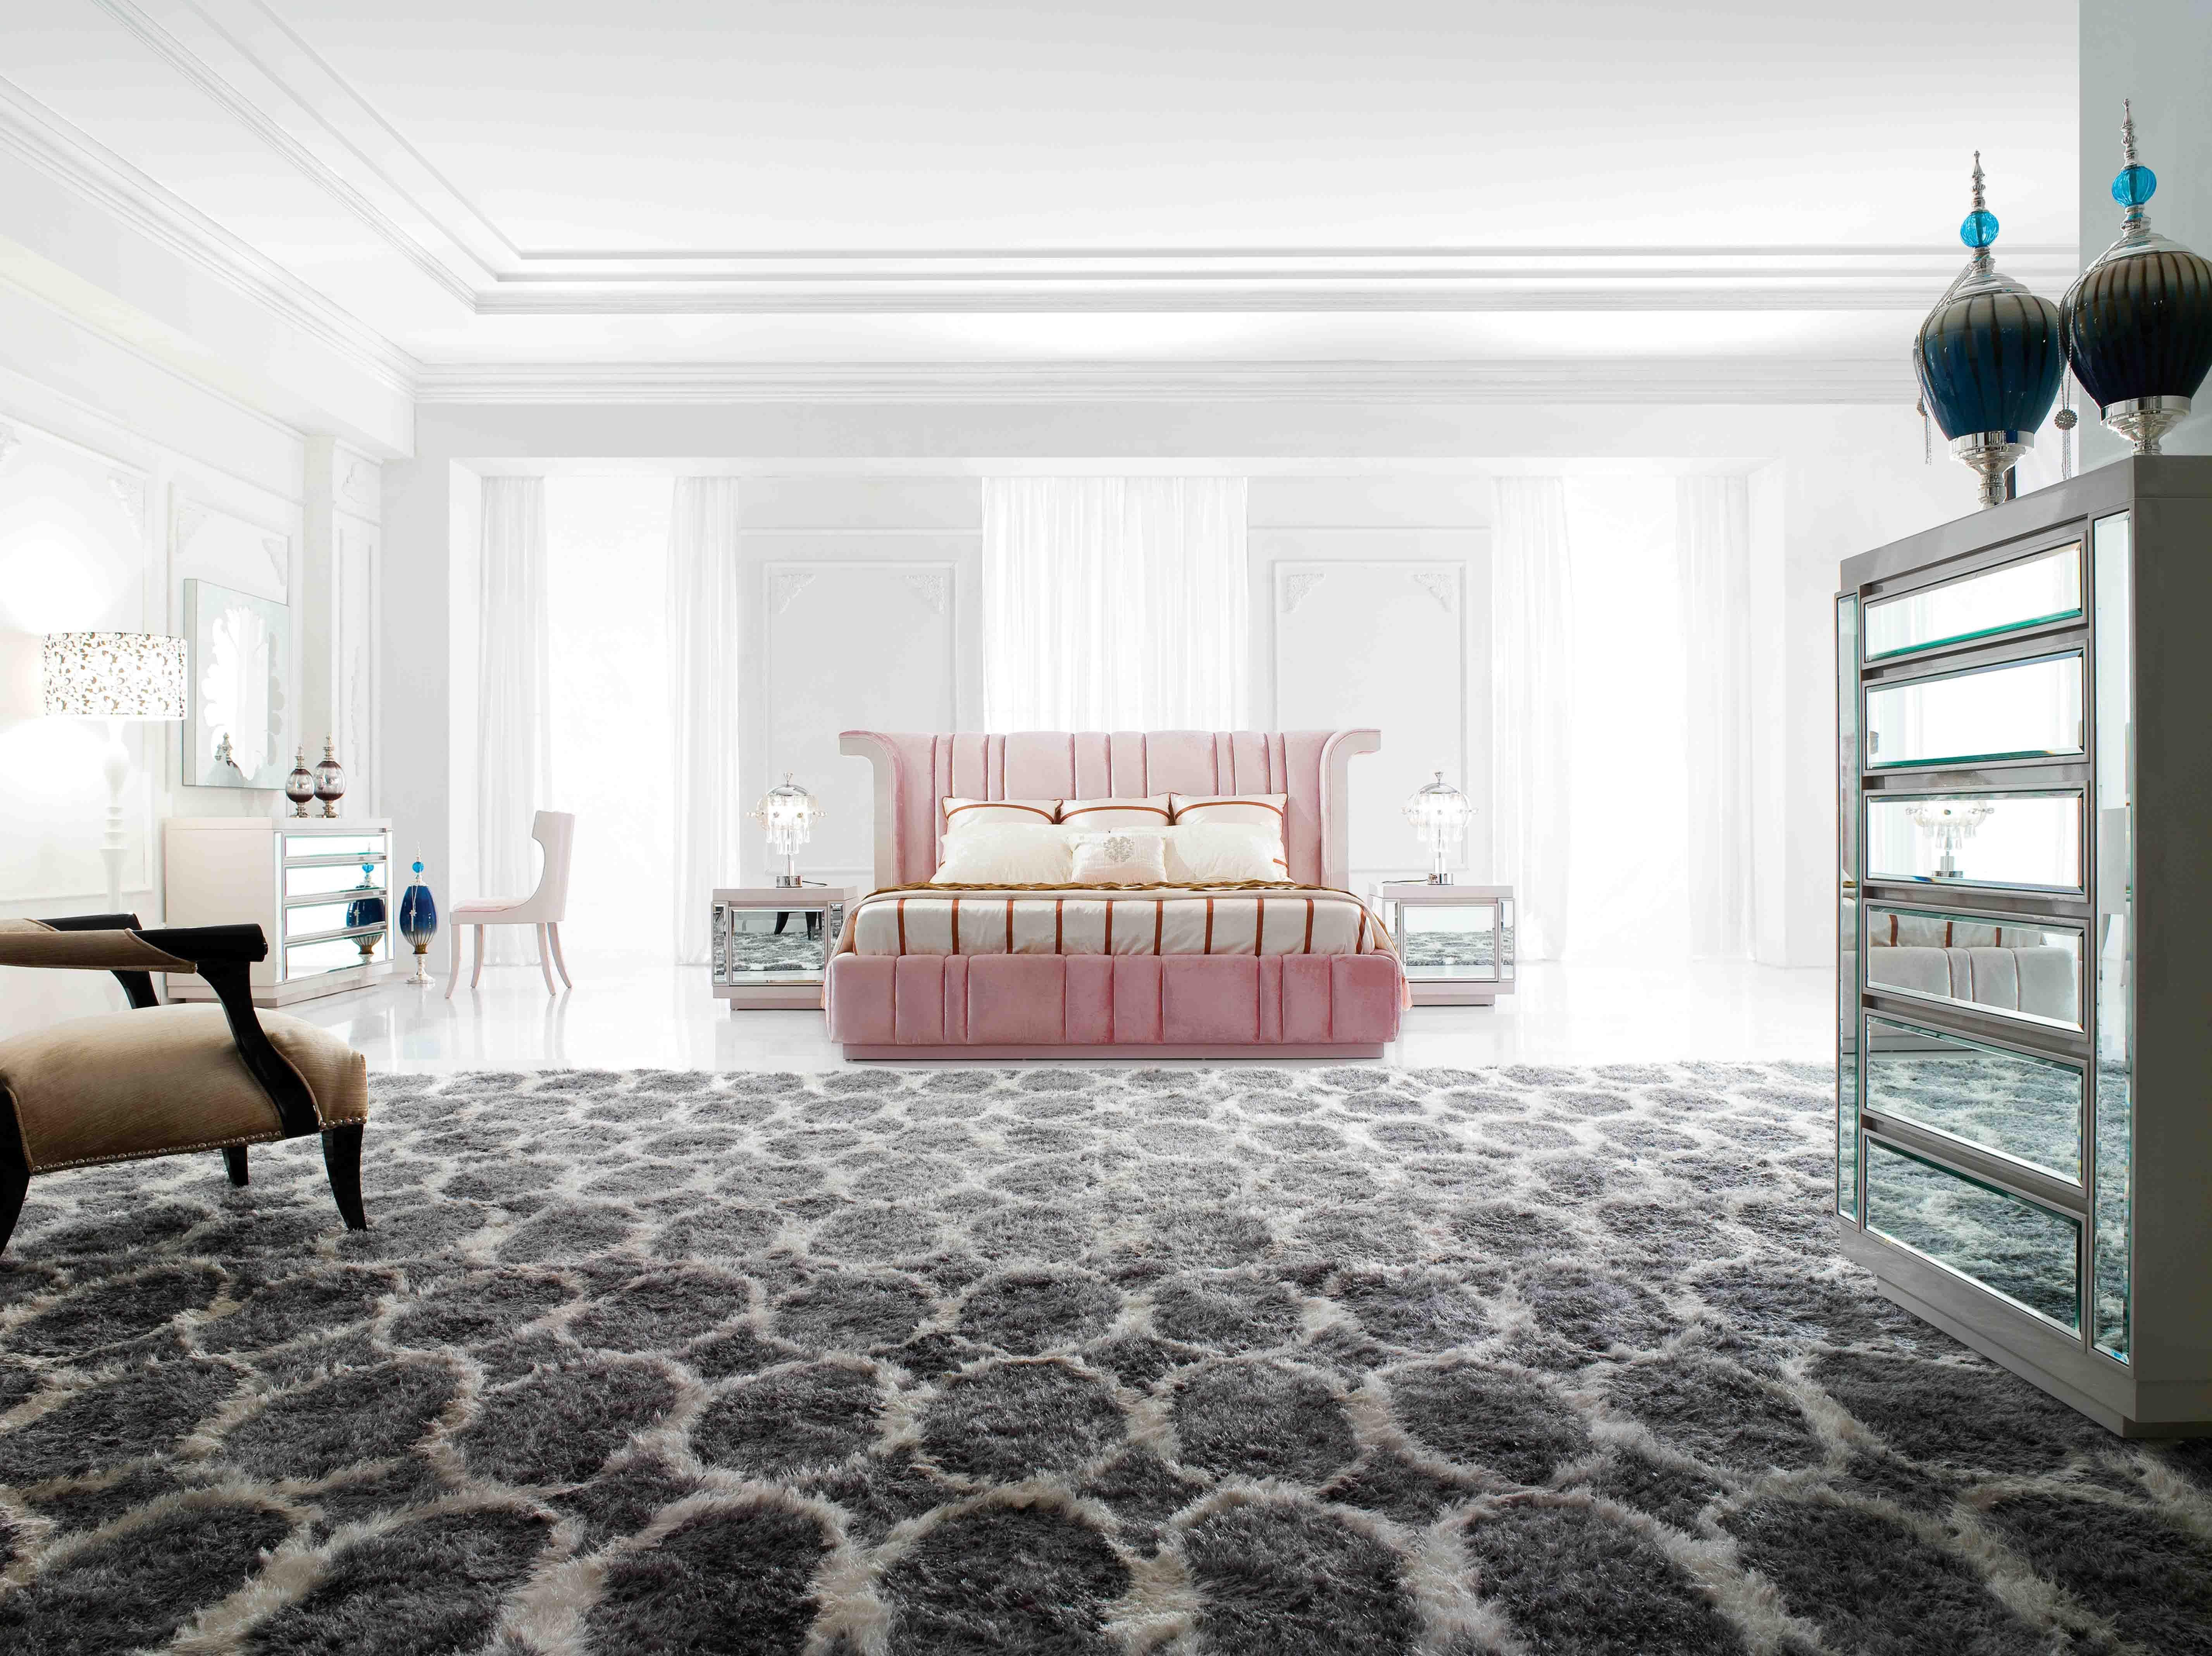 أسبوعك سيكون أكثر نشاط أن كنت تستيقظ بغرفة كهذه !   #new #week #sunday #repin #pin #bedroom #elegance #q8 #qatar #saudiarabia #Jeddah #JO #amman